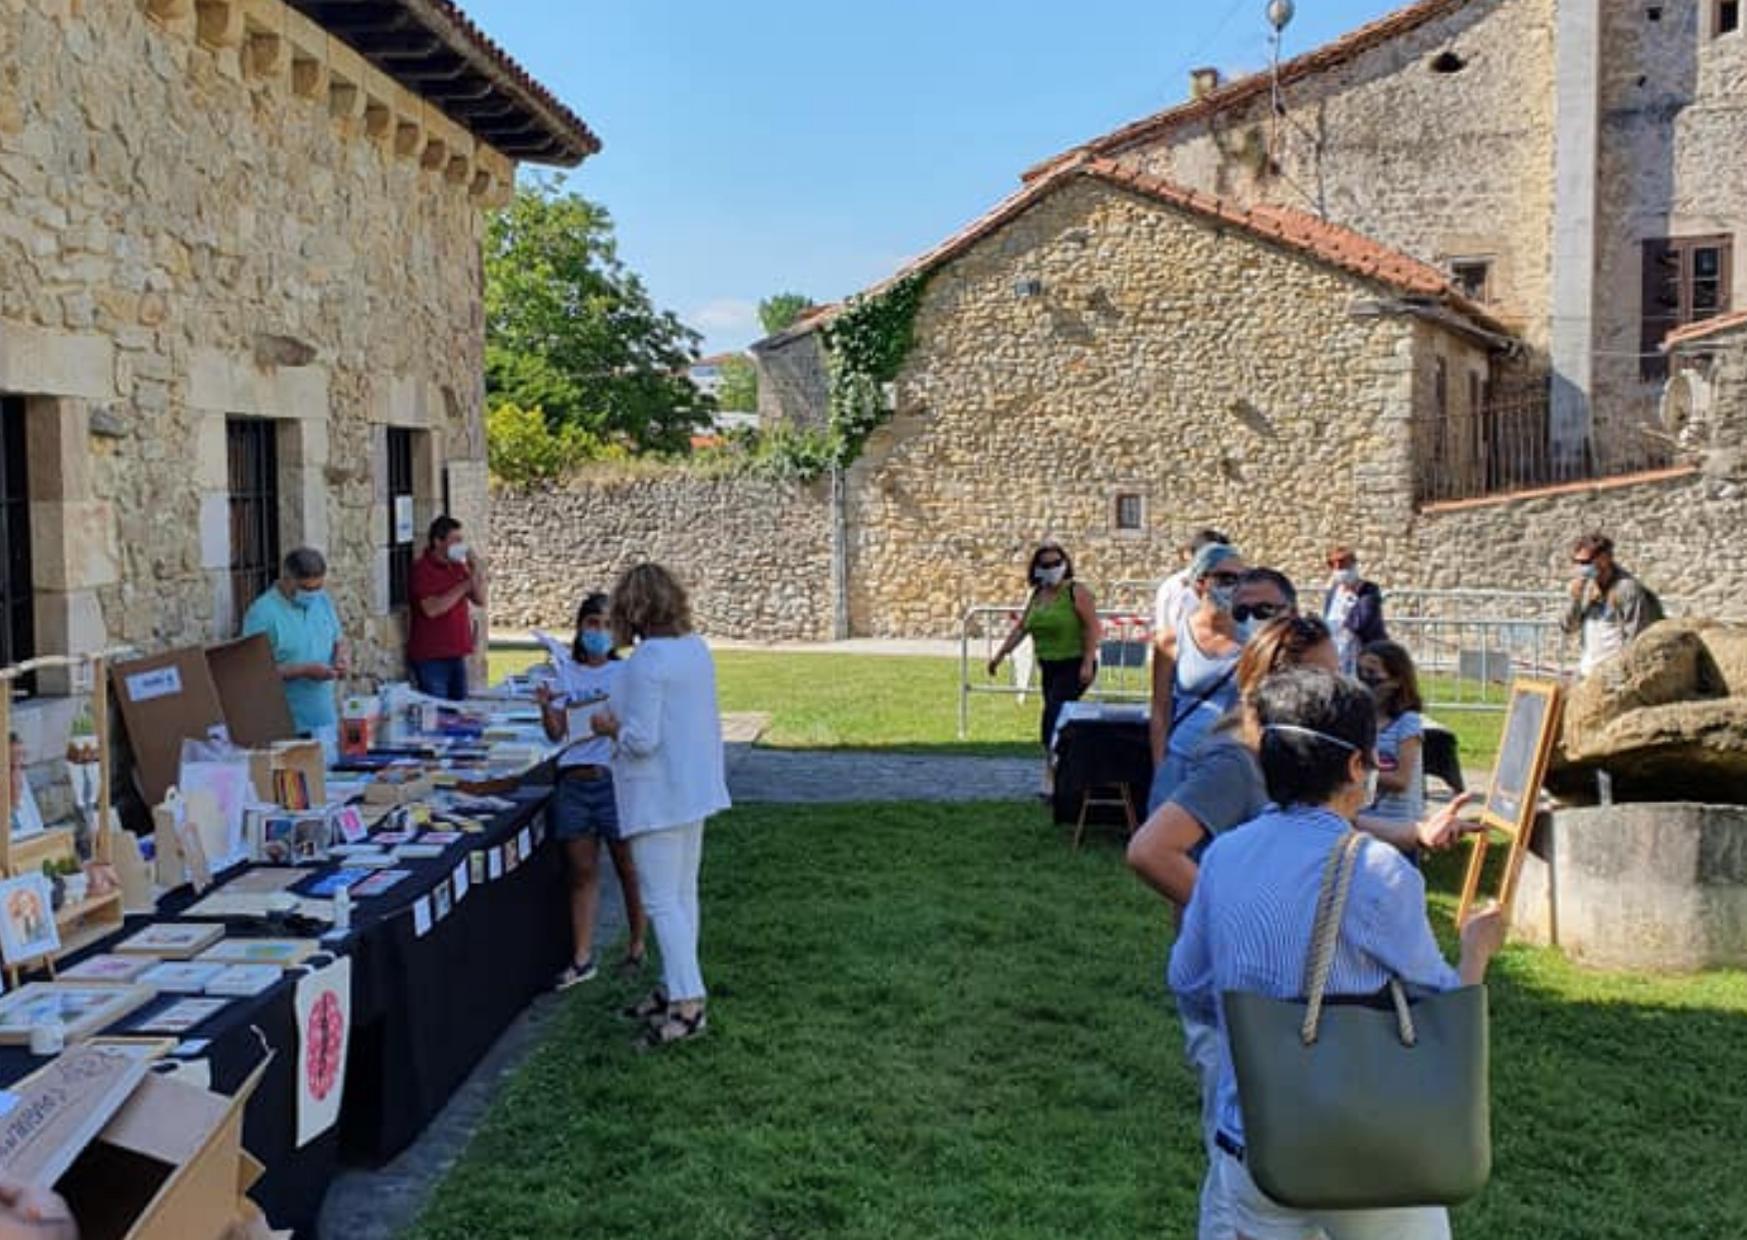 Santillana del Mar acogerá la XII edición del Festival Arte Libro del 16 al 18 de abril